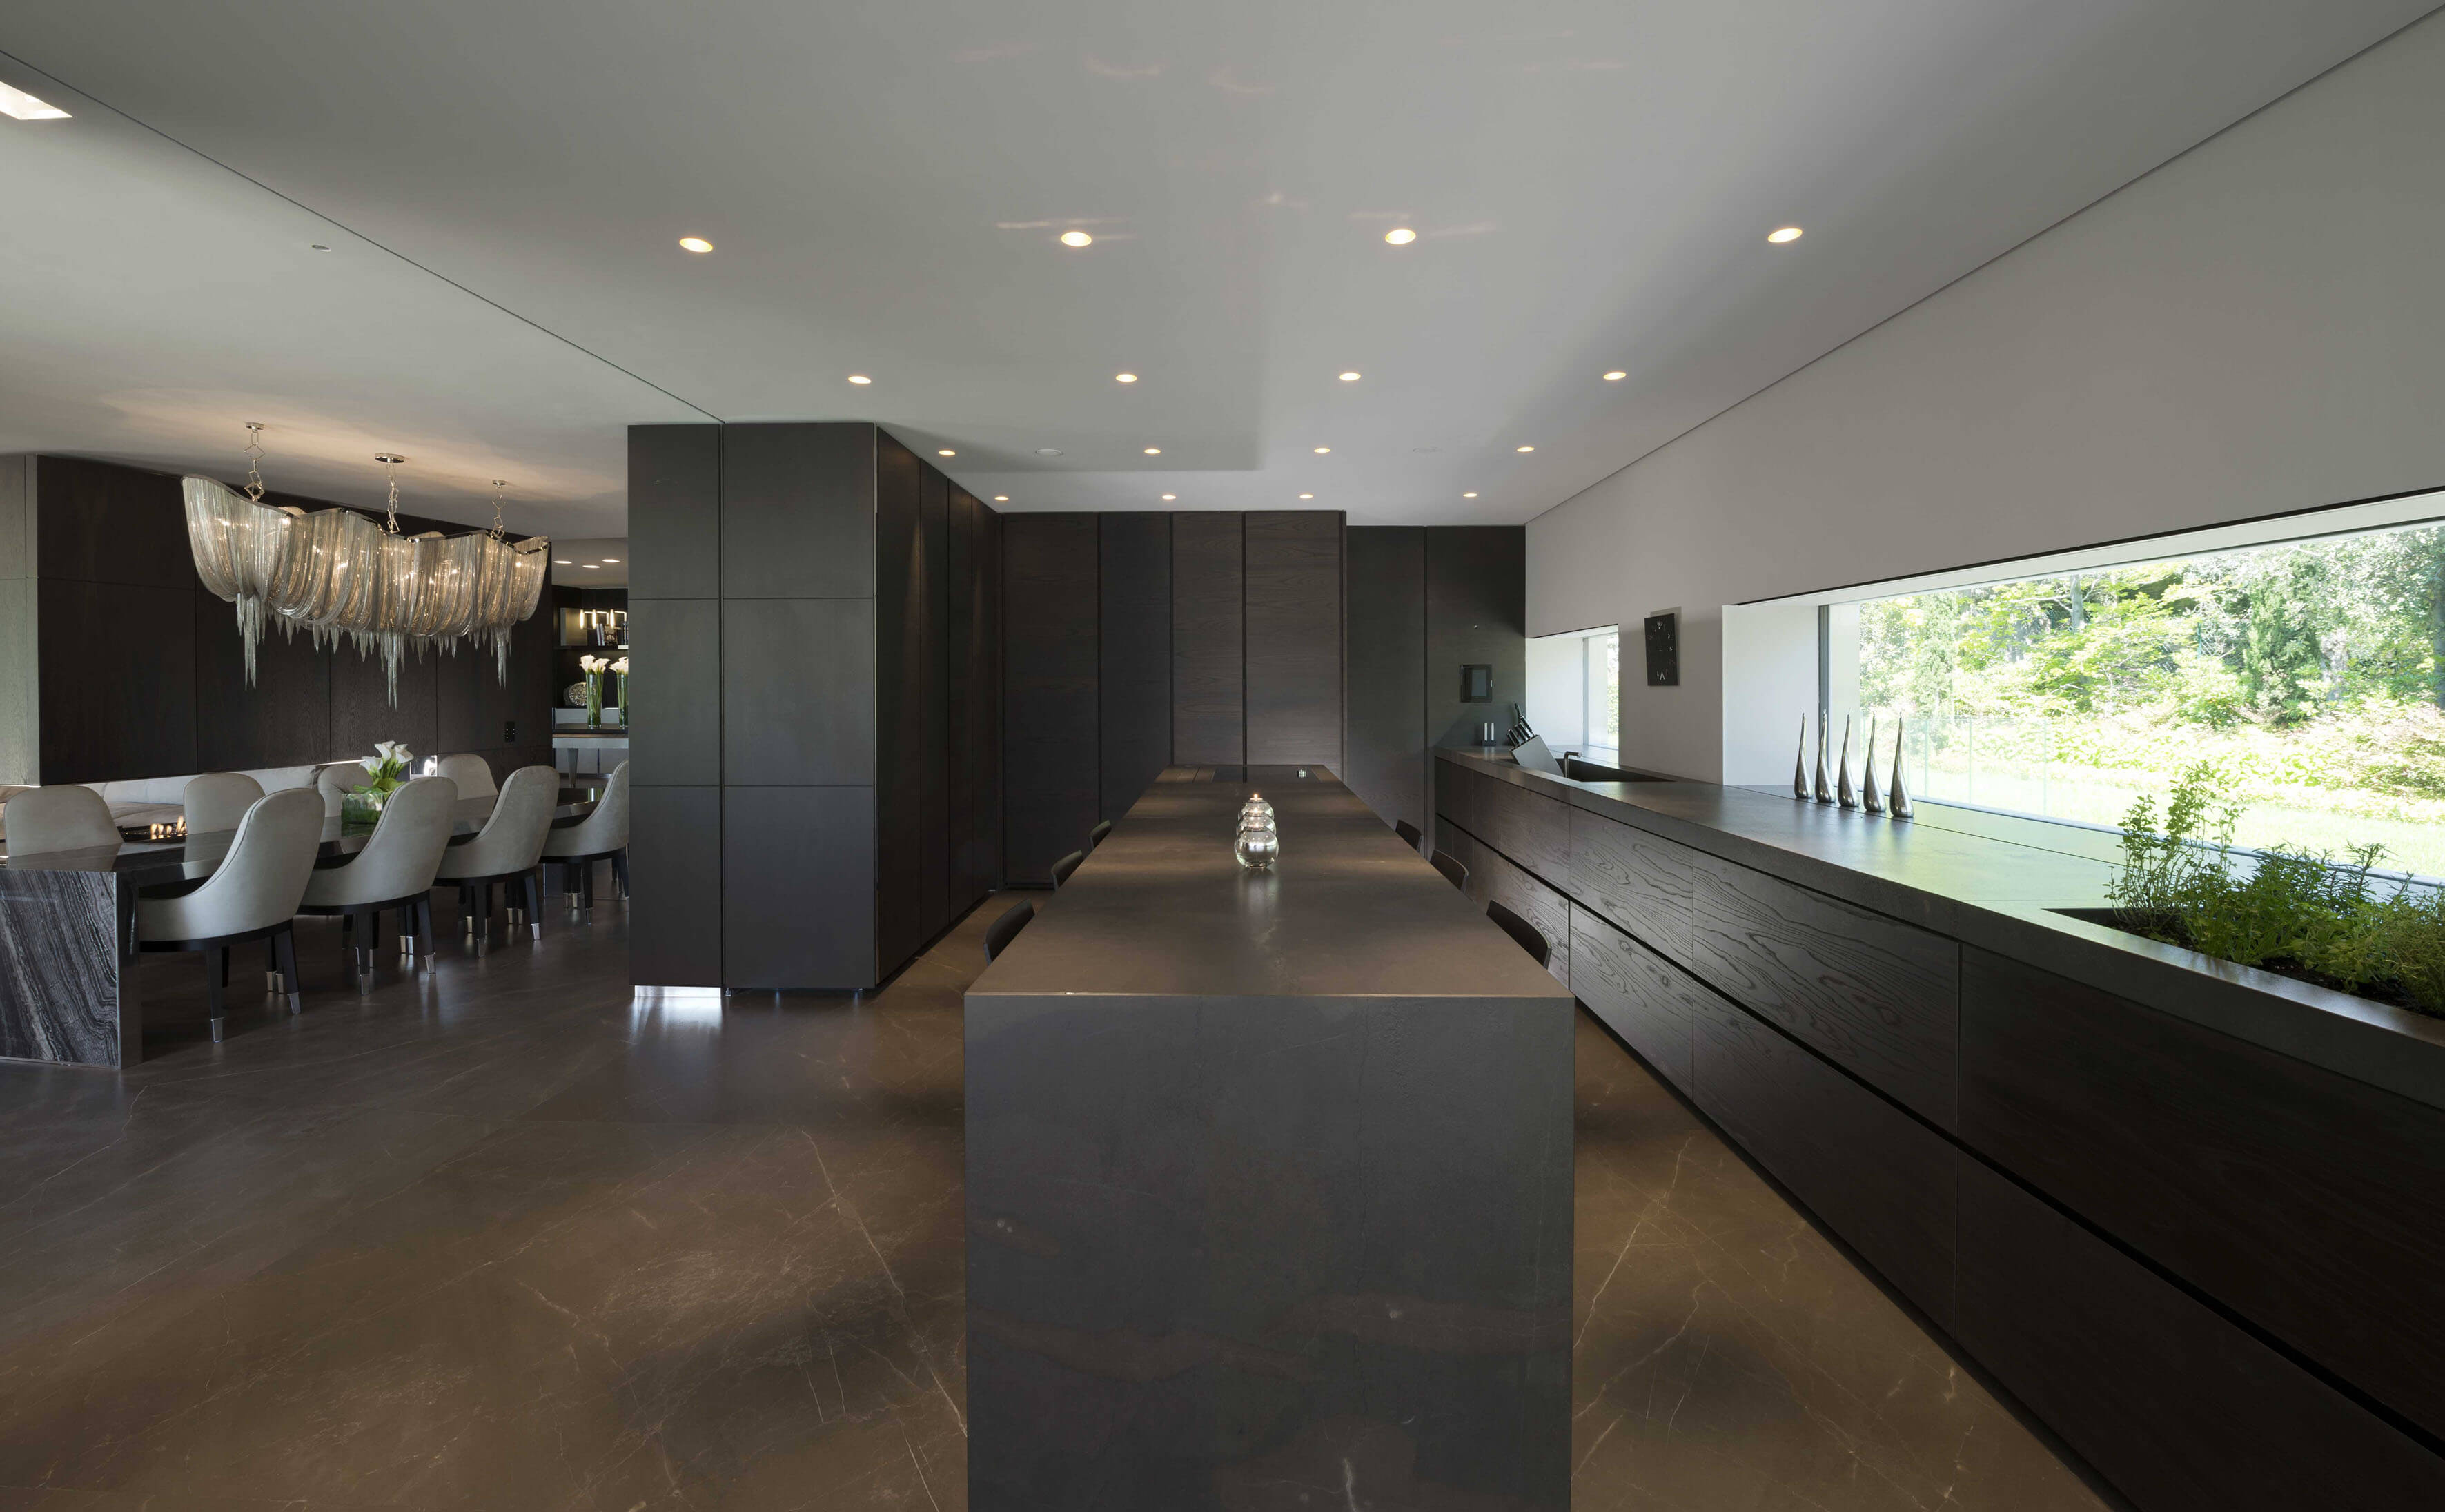 Bronzereflexionen für eine Küche mit einem imposanten Stil Antolini's Bronze Amani Stein ist das auffälligste Merkmal einer stilvollen Küche.